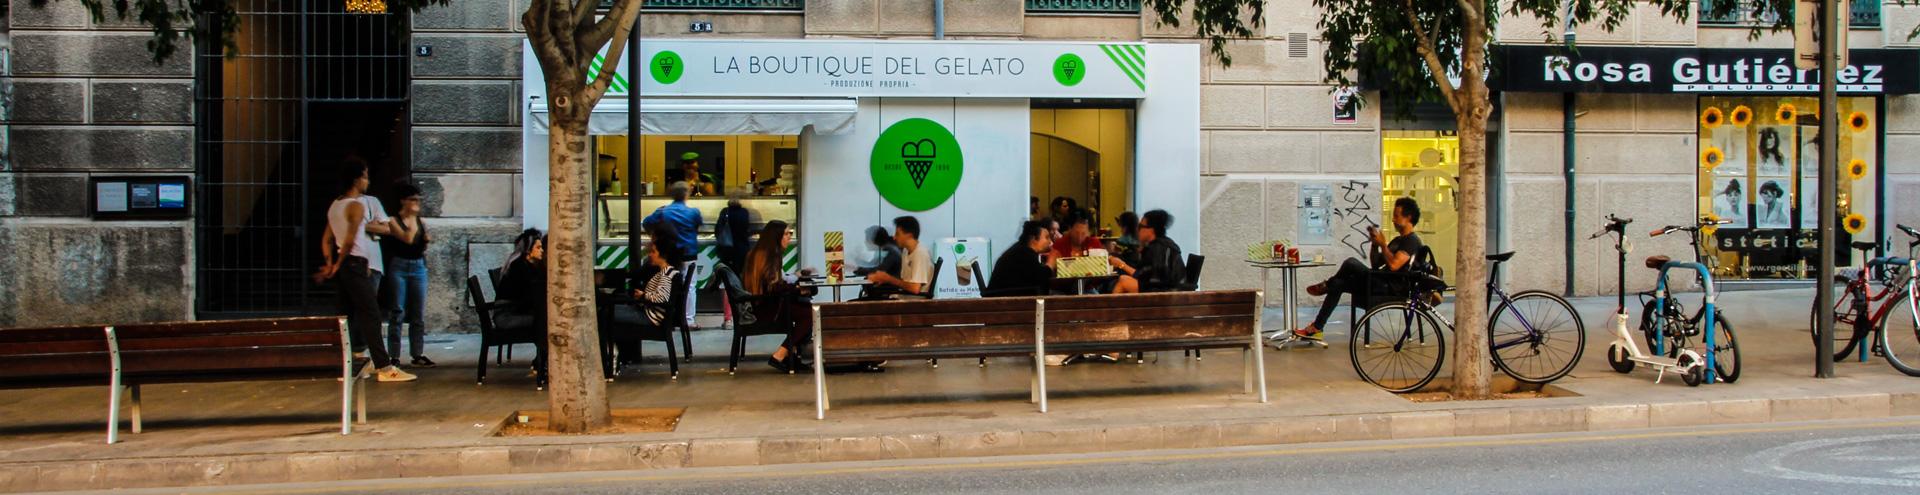 La Boutique del Gelato Vía Roma